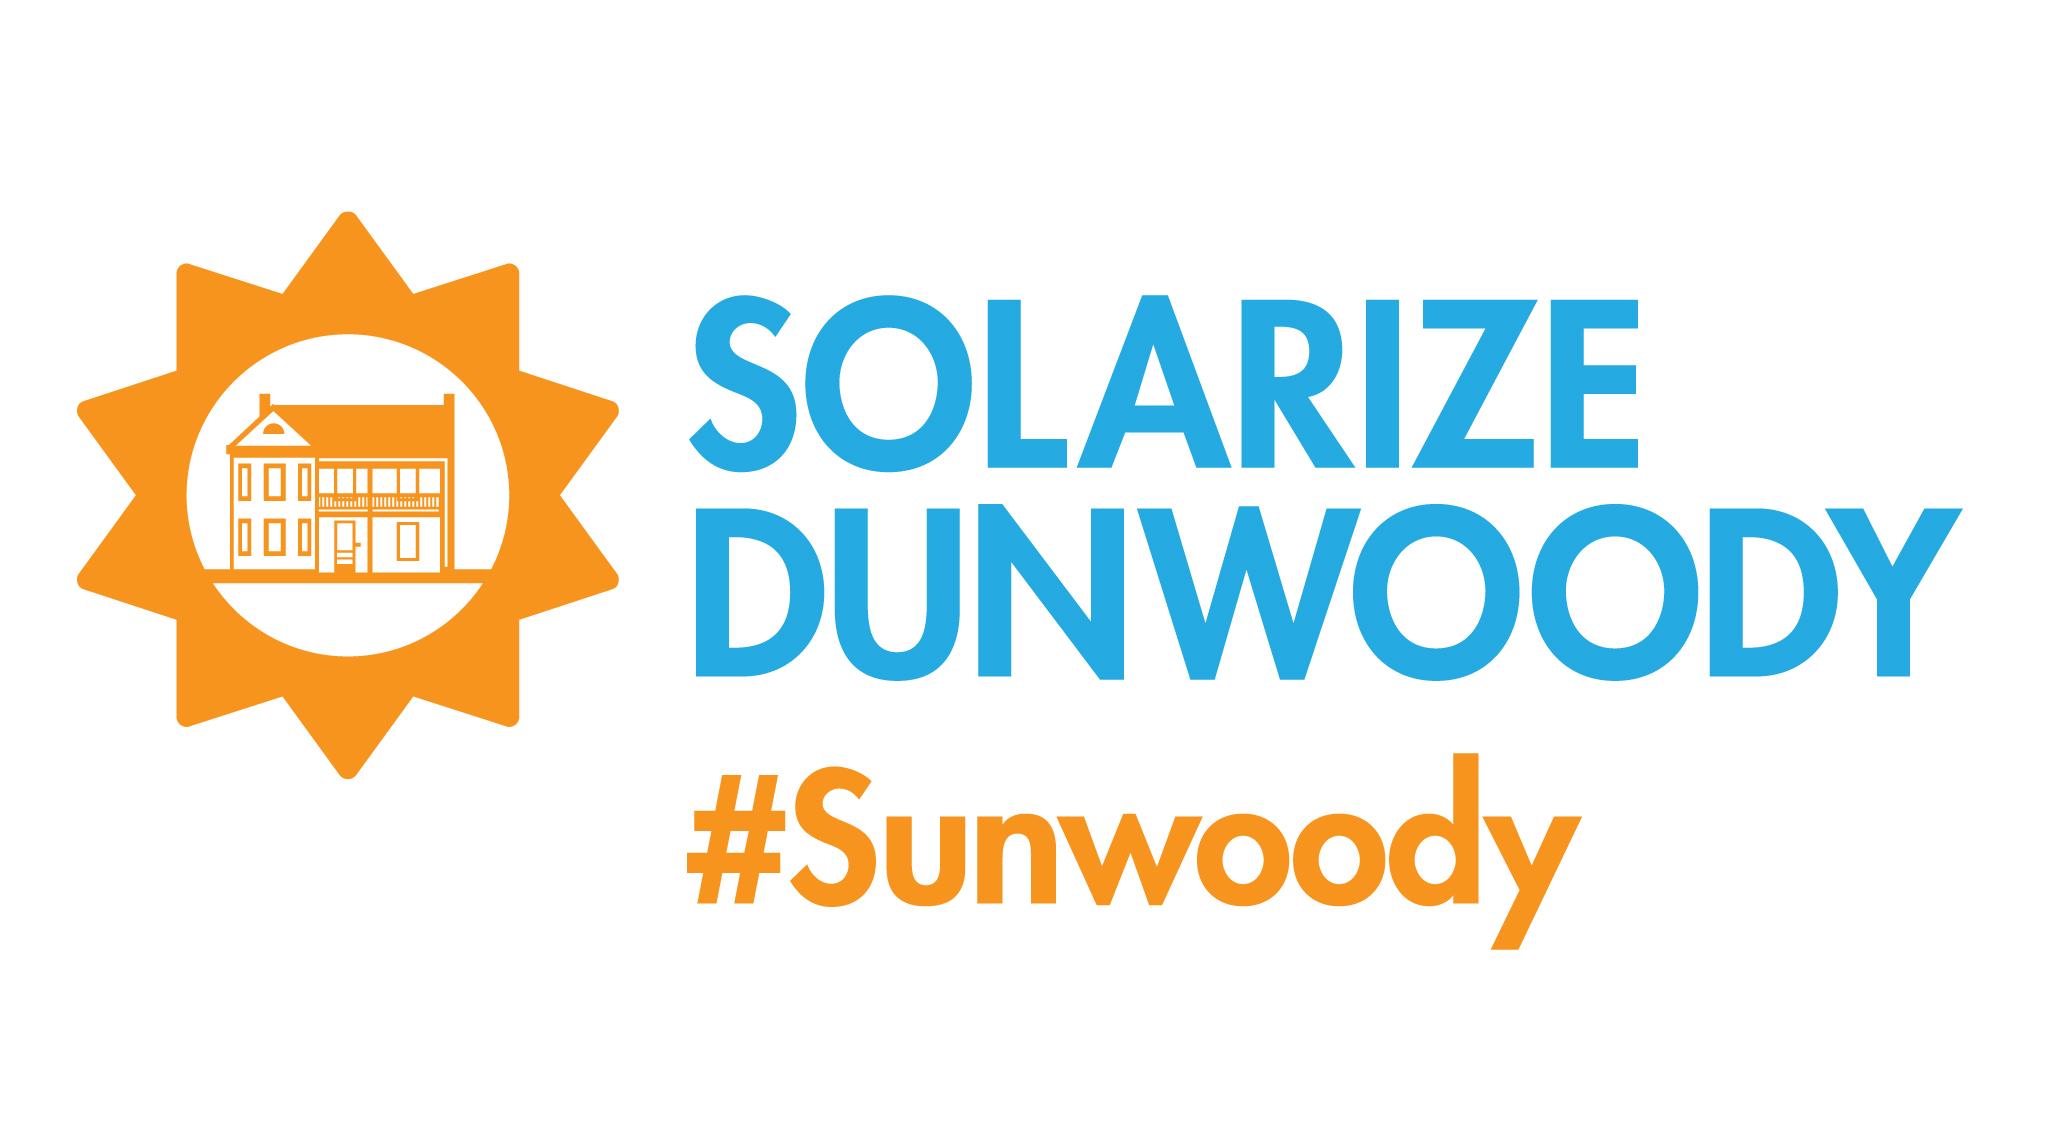 solarize-dunwoody-logo-4.jpg